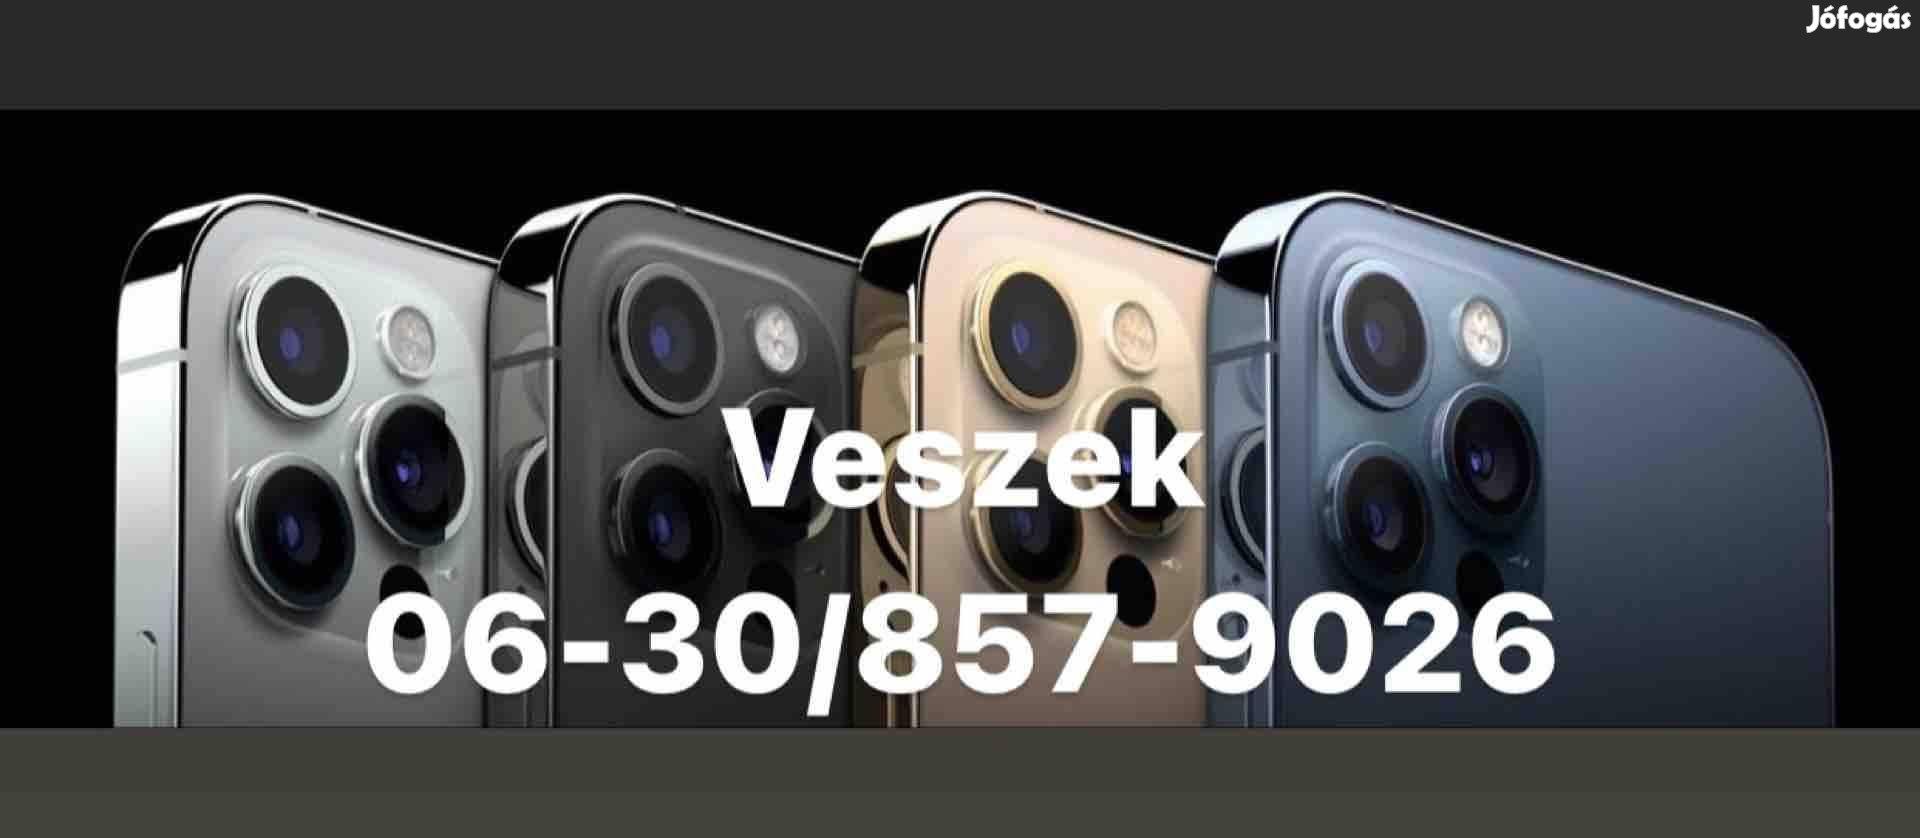 Veszek iphone X XS XR XS Max 11 11Pro Max 12 Mini 12 12 Pro Max